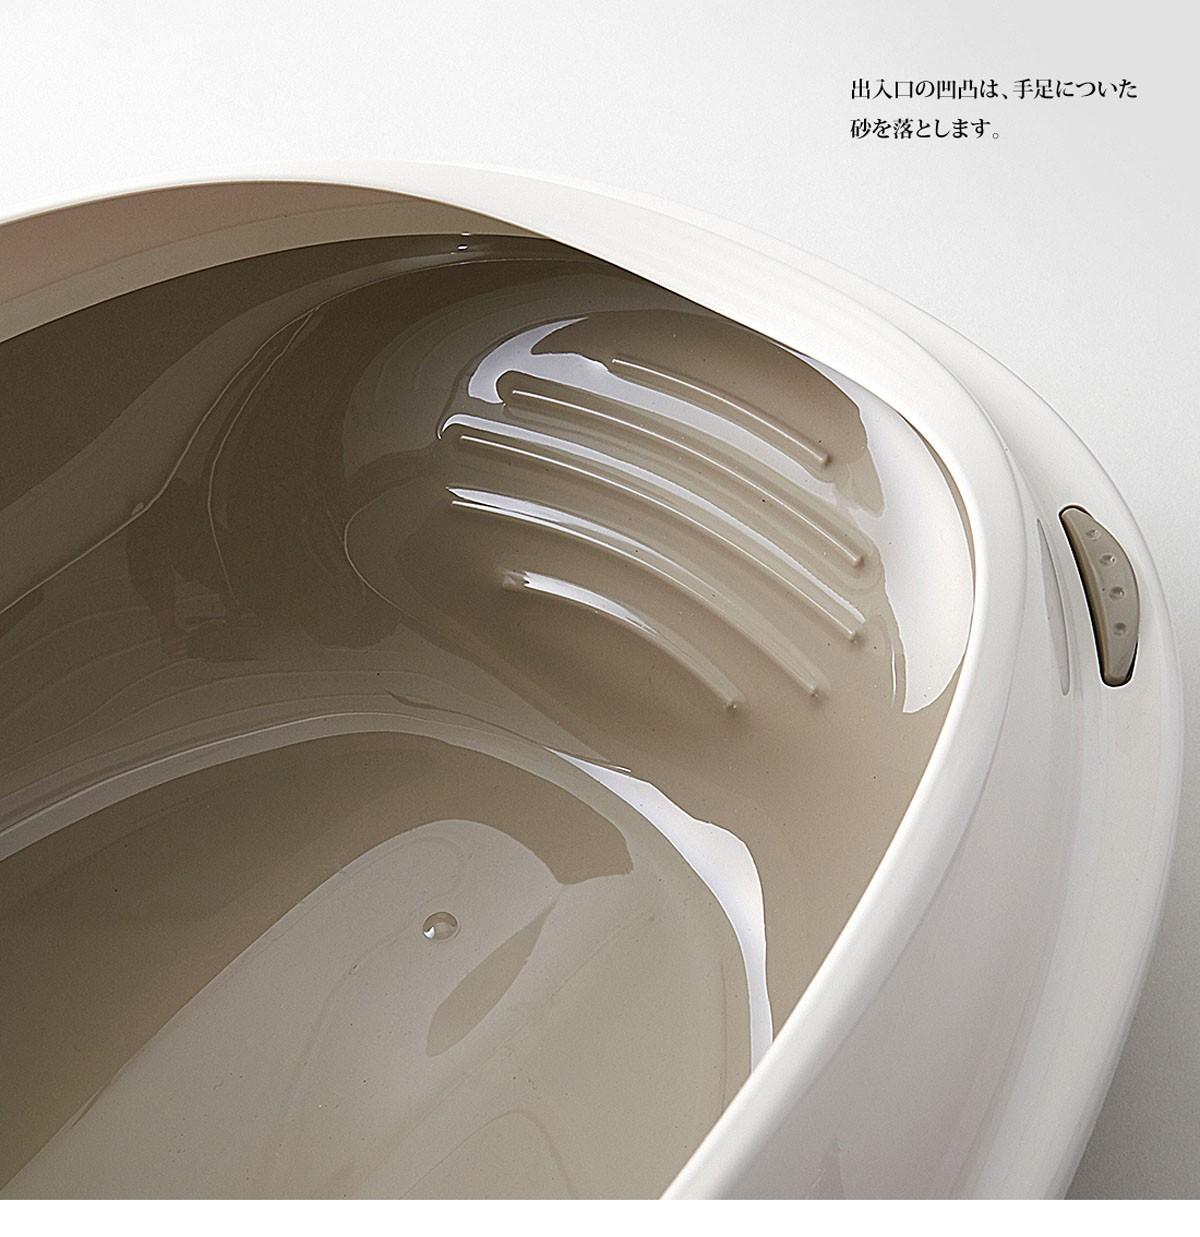 イタリア製ねこトイレ シャトル(Shuttle) Mサイズ